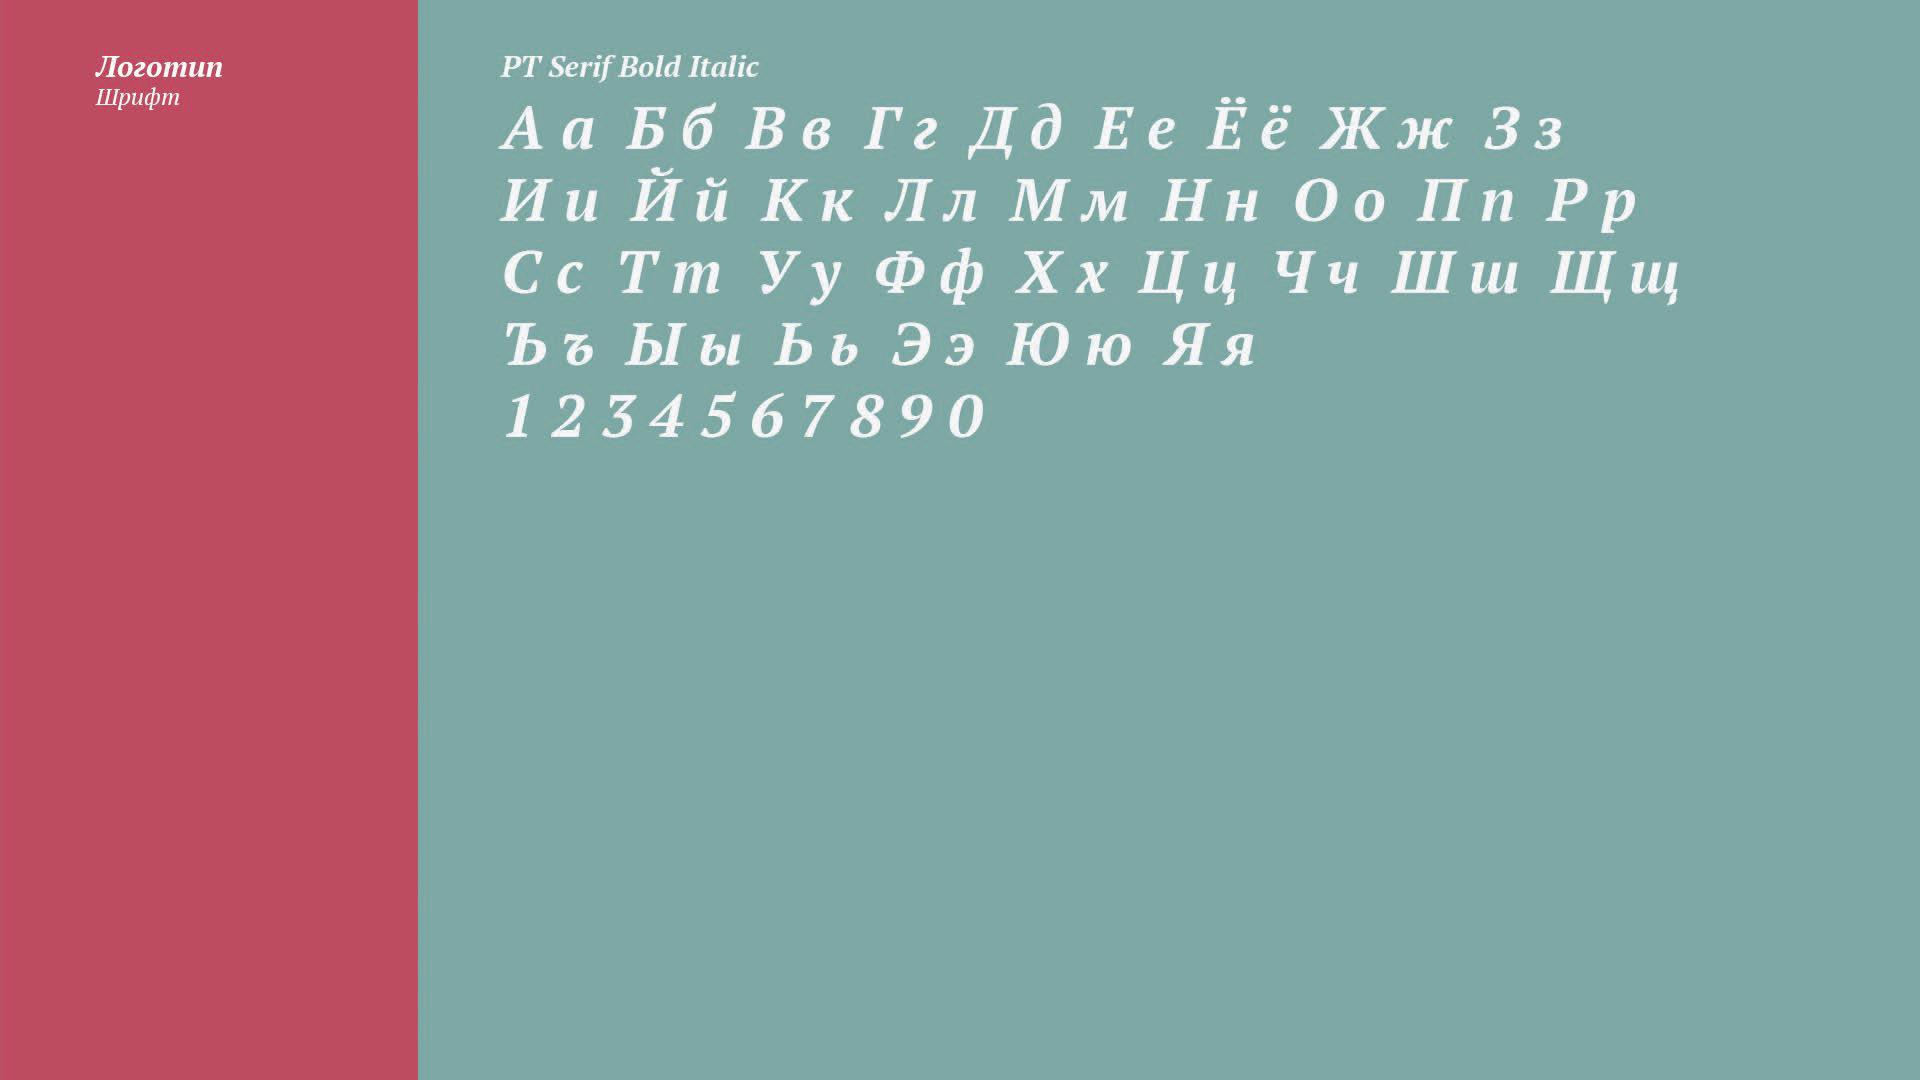 BB_Dov_01-3